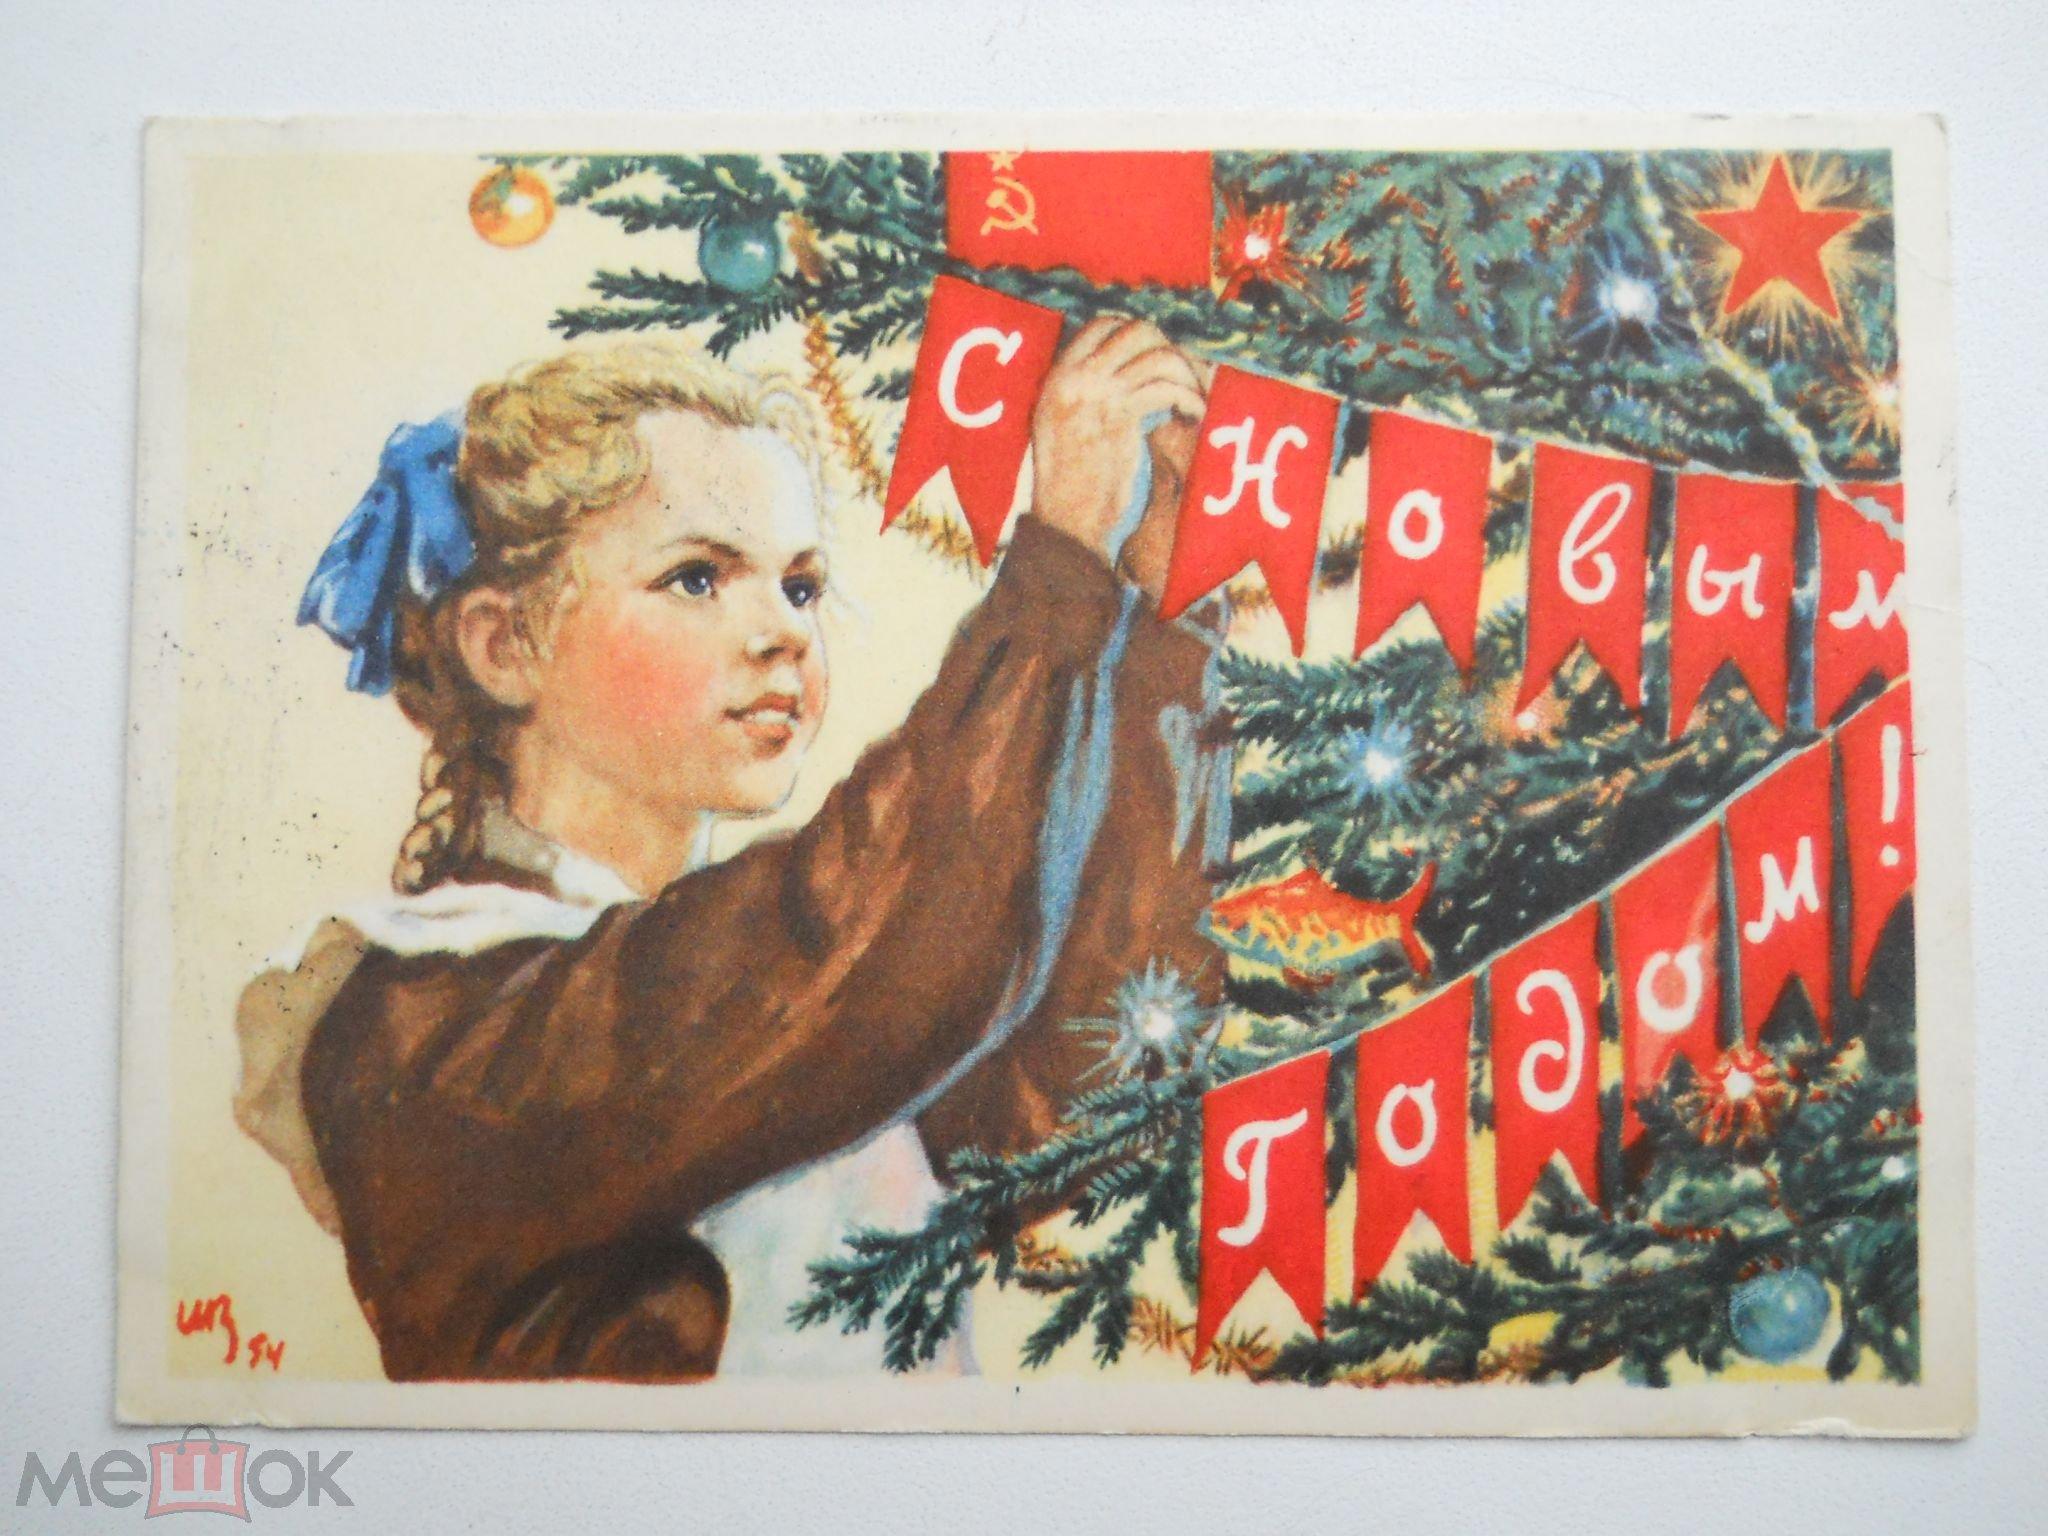 Поправляйся выздоравливай, открытка с новым 1954 годом